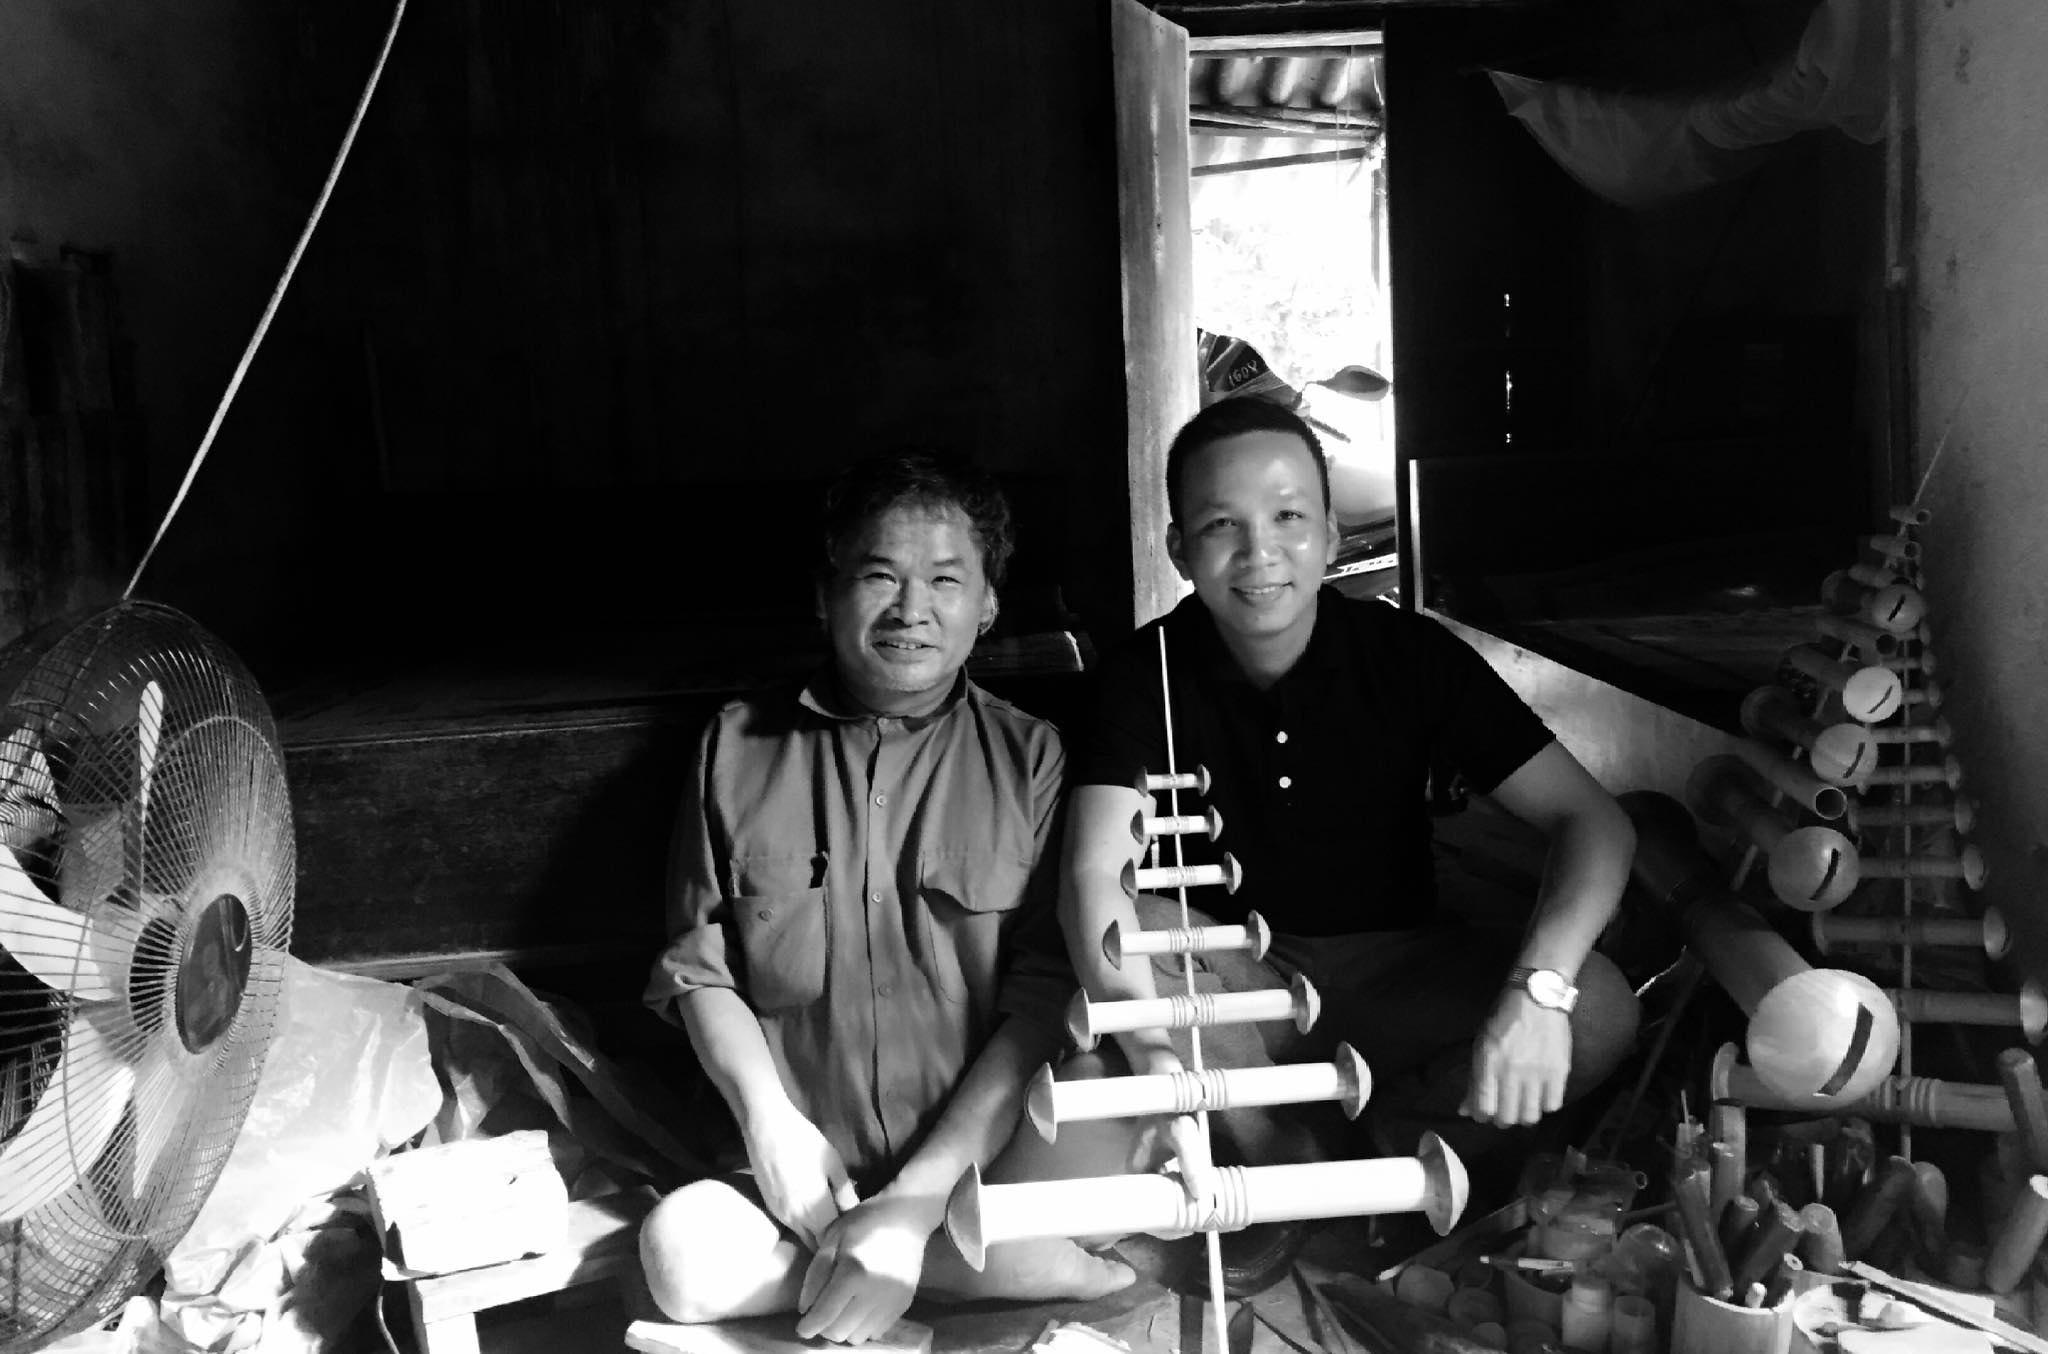 Chú Đỗ Đăng Hải và Hoàng Phú năm 2016